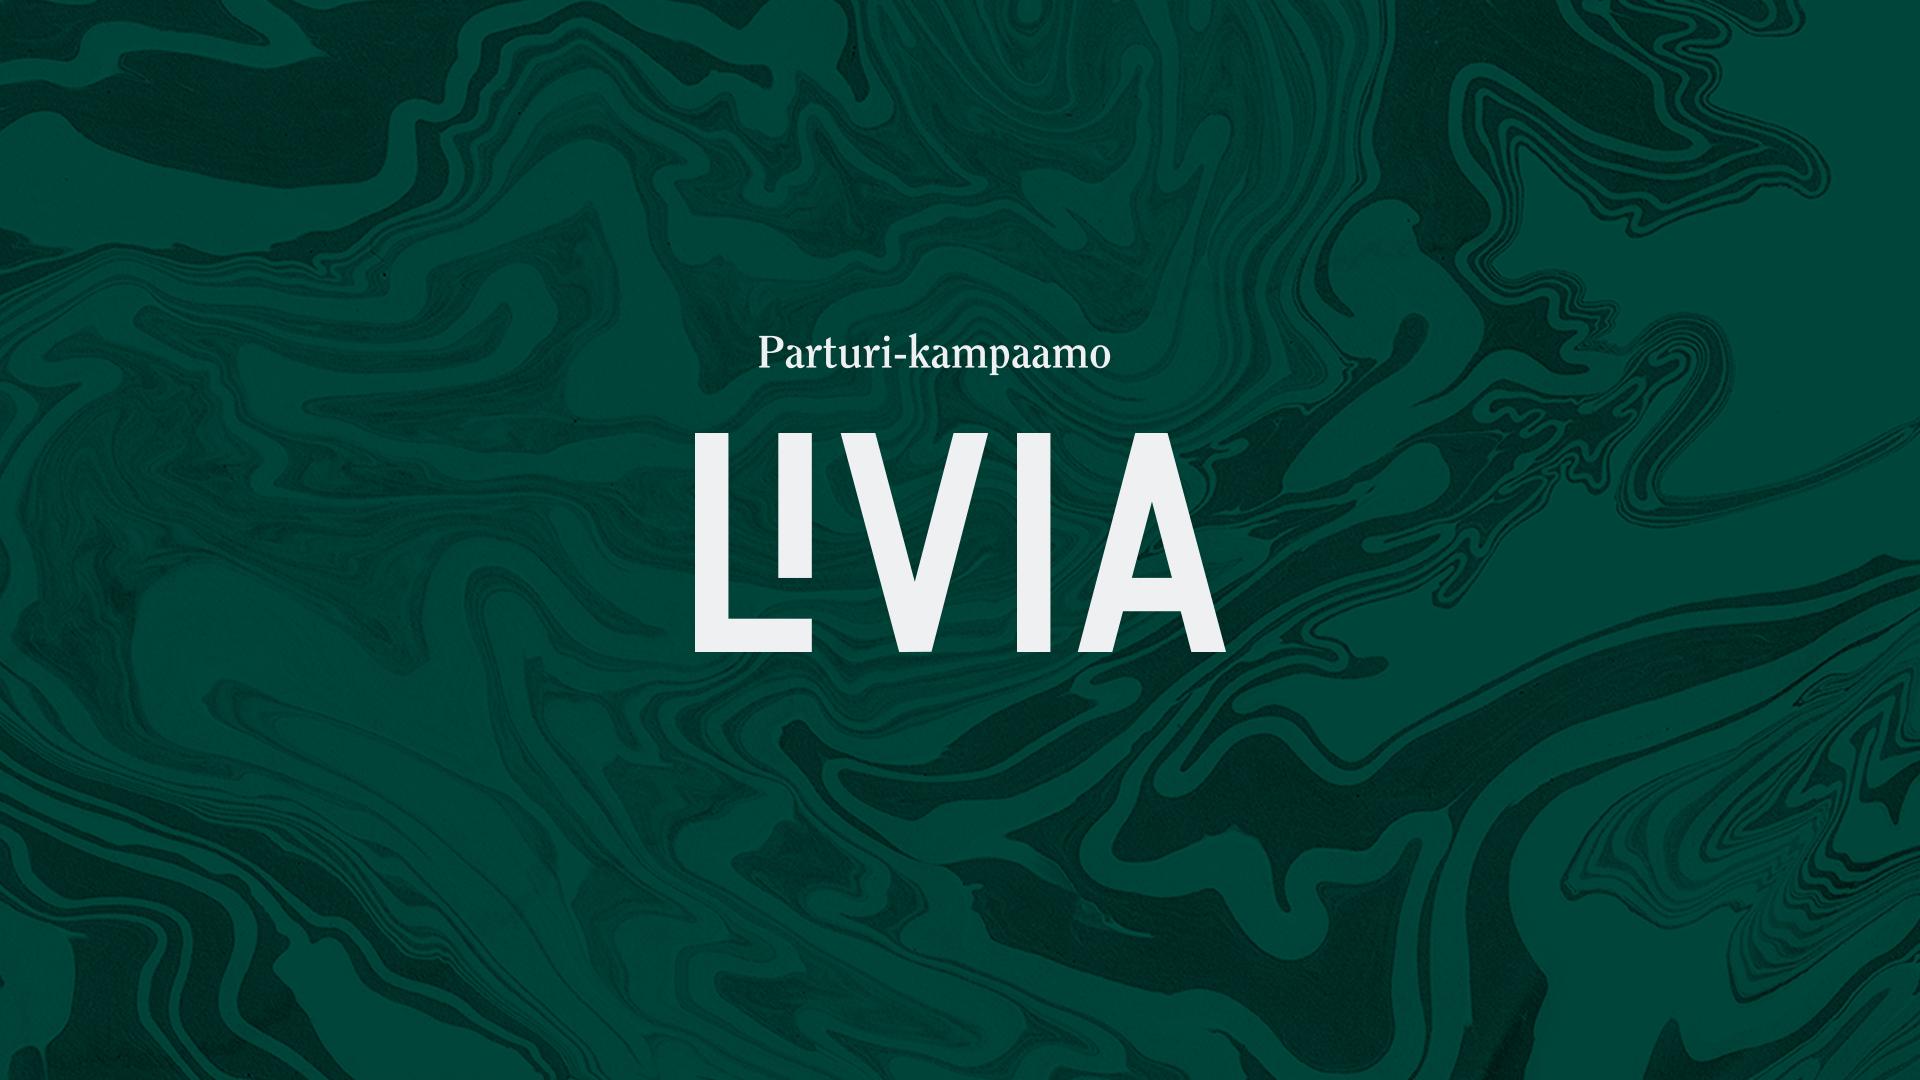 Livia-logo-PK